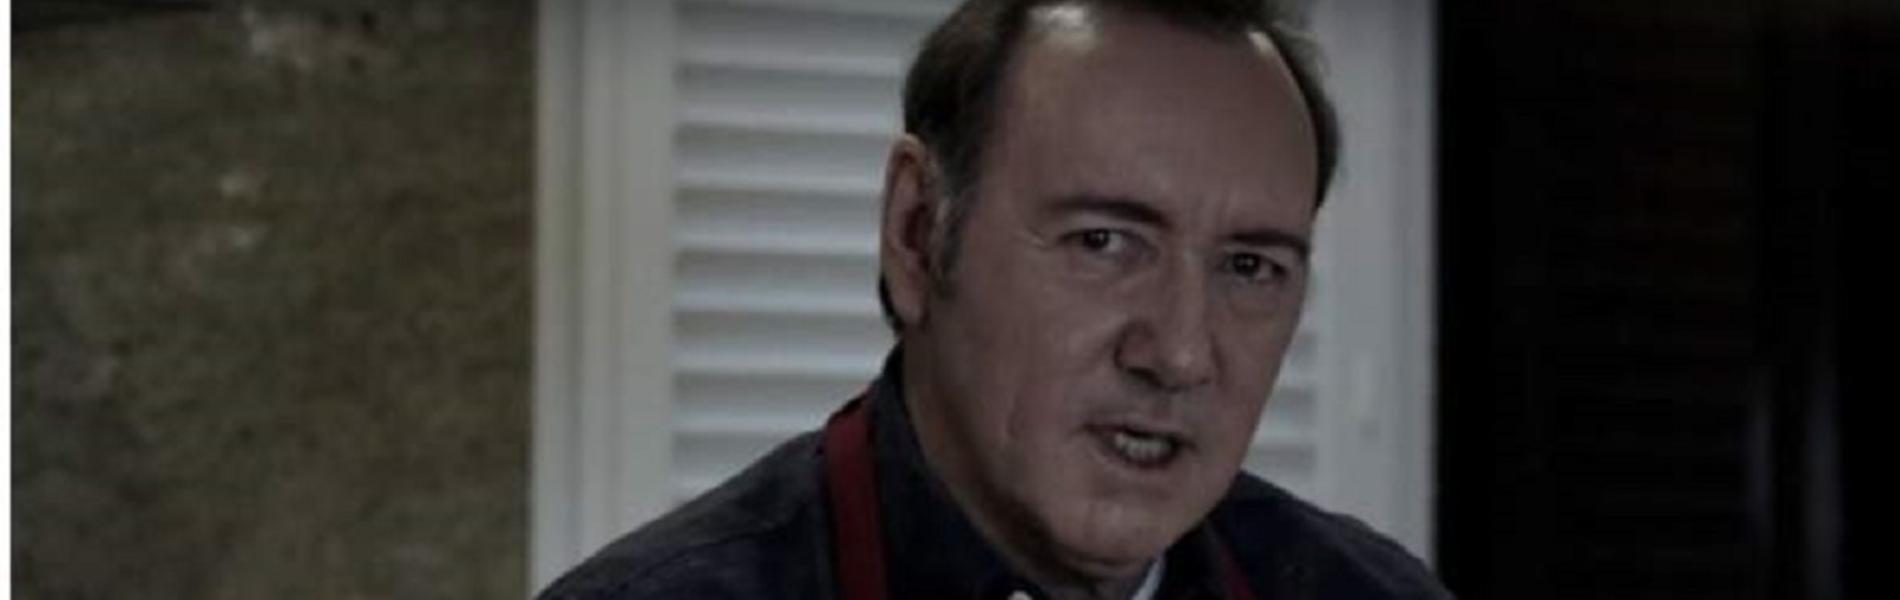 הסרטון של קווין ספייסי הוא לא ביזארי. הוא מפחיד